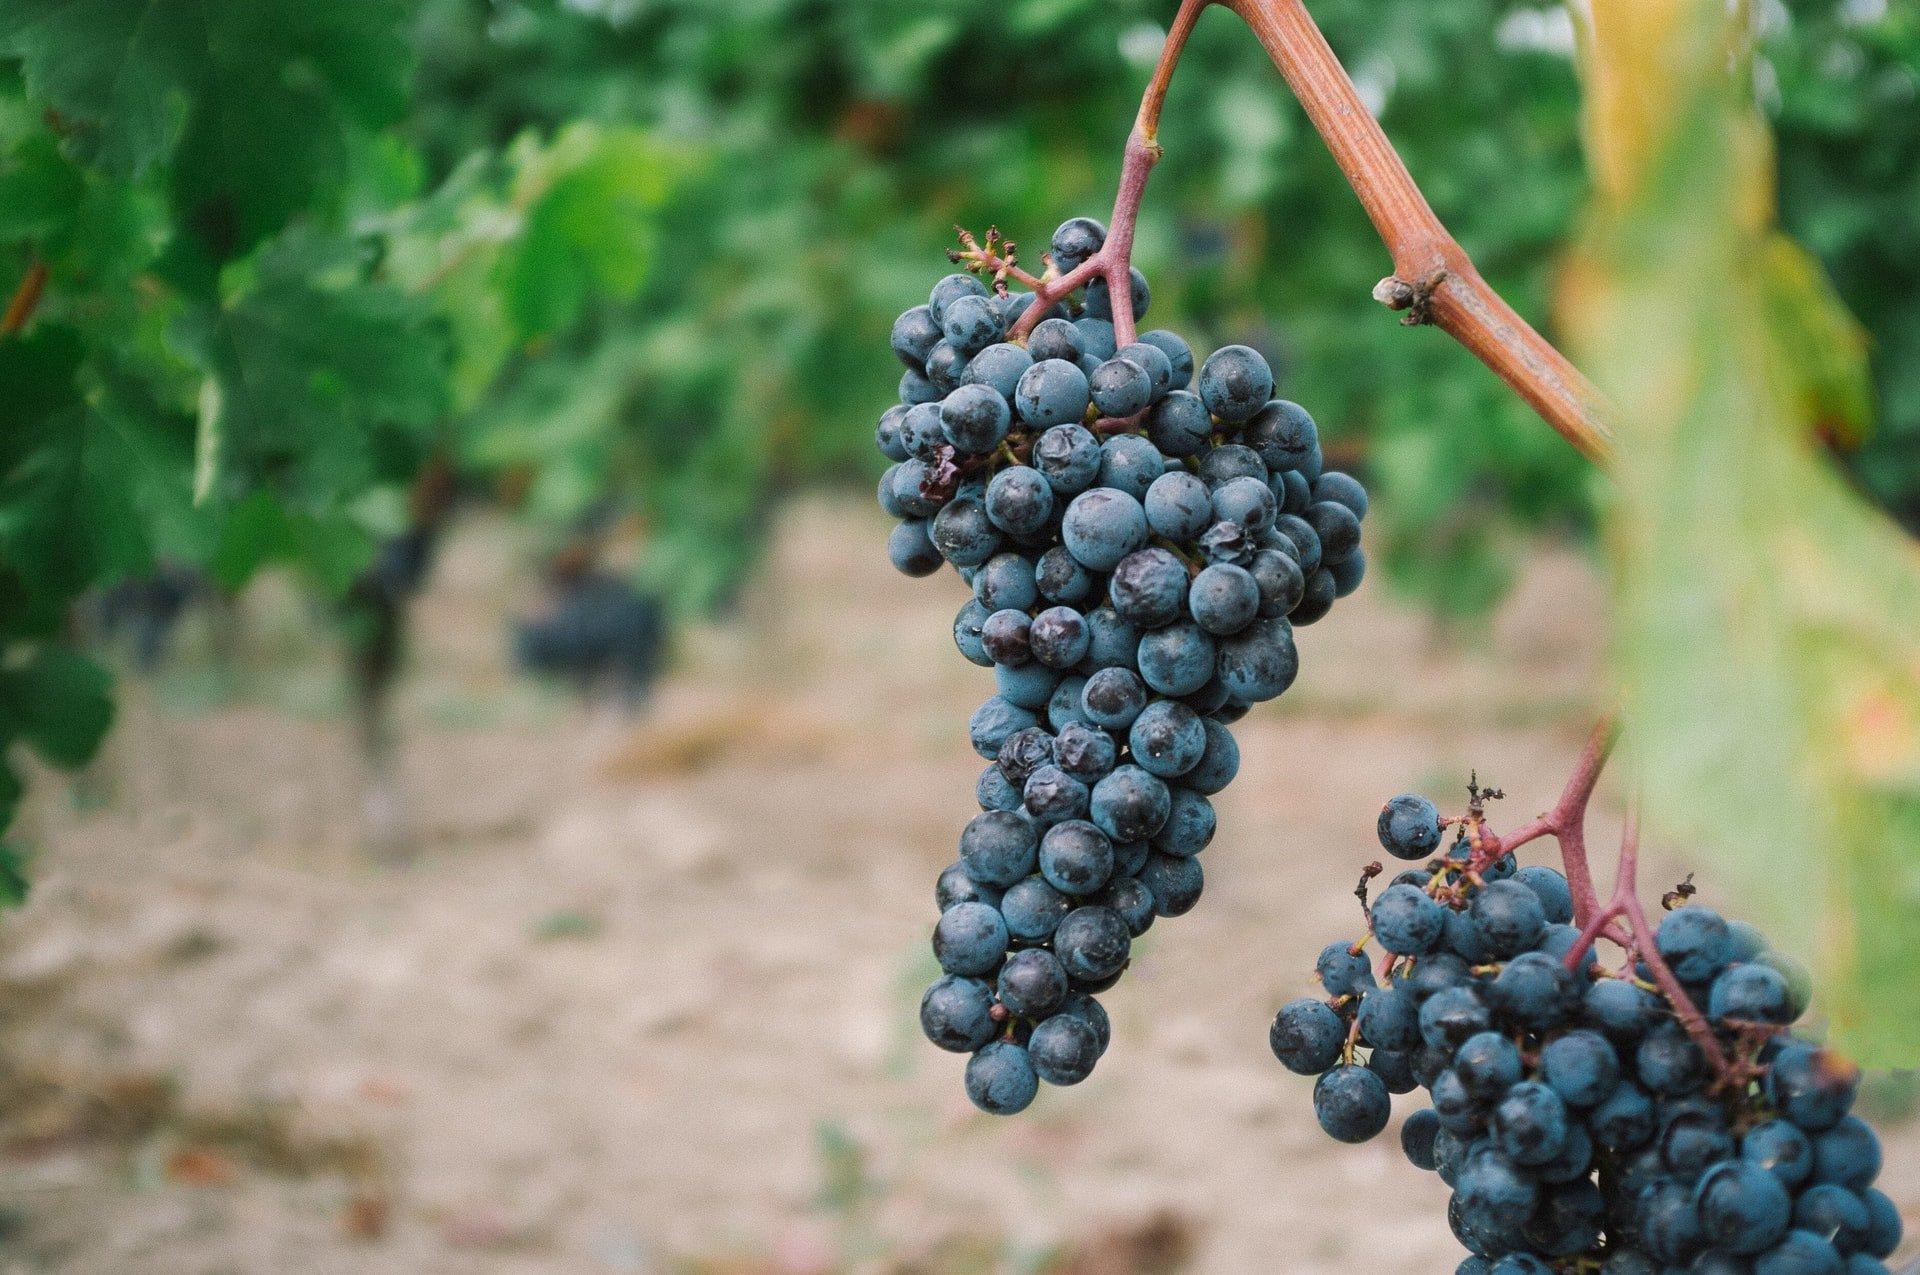 Une grappe de raisin dans une vigne